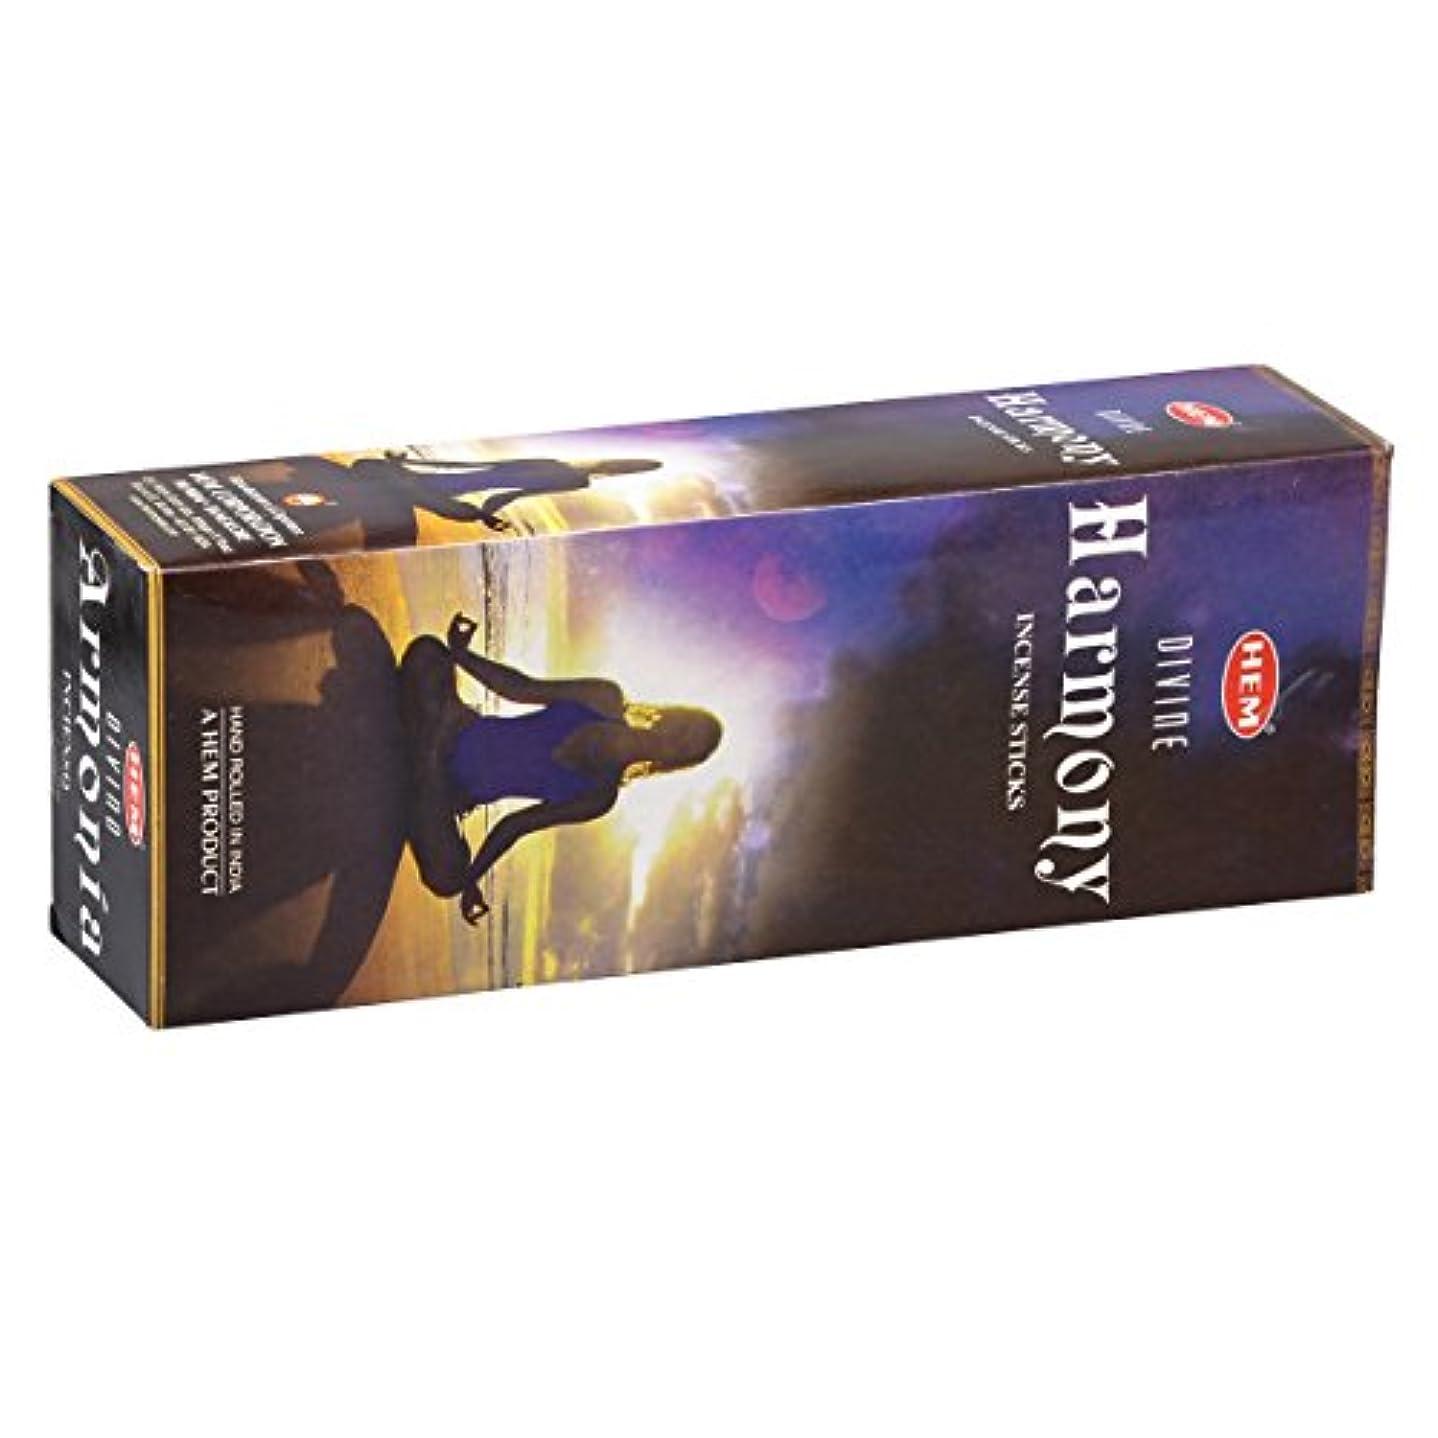 シャッフル紫の冷笑するHEM(ヘム) ハーモニー HARMONY スティックタイプ お香 6筒 セット [並行輸入品]